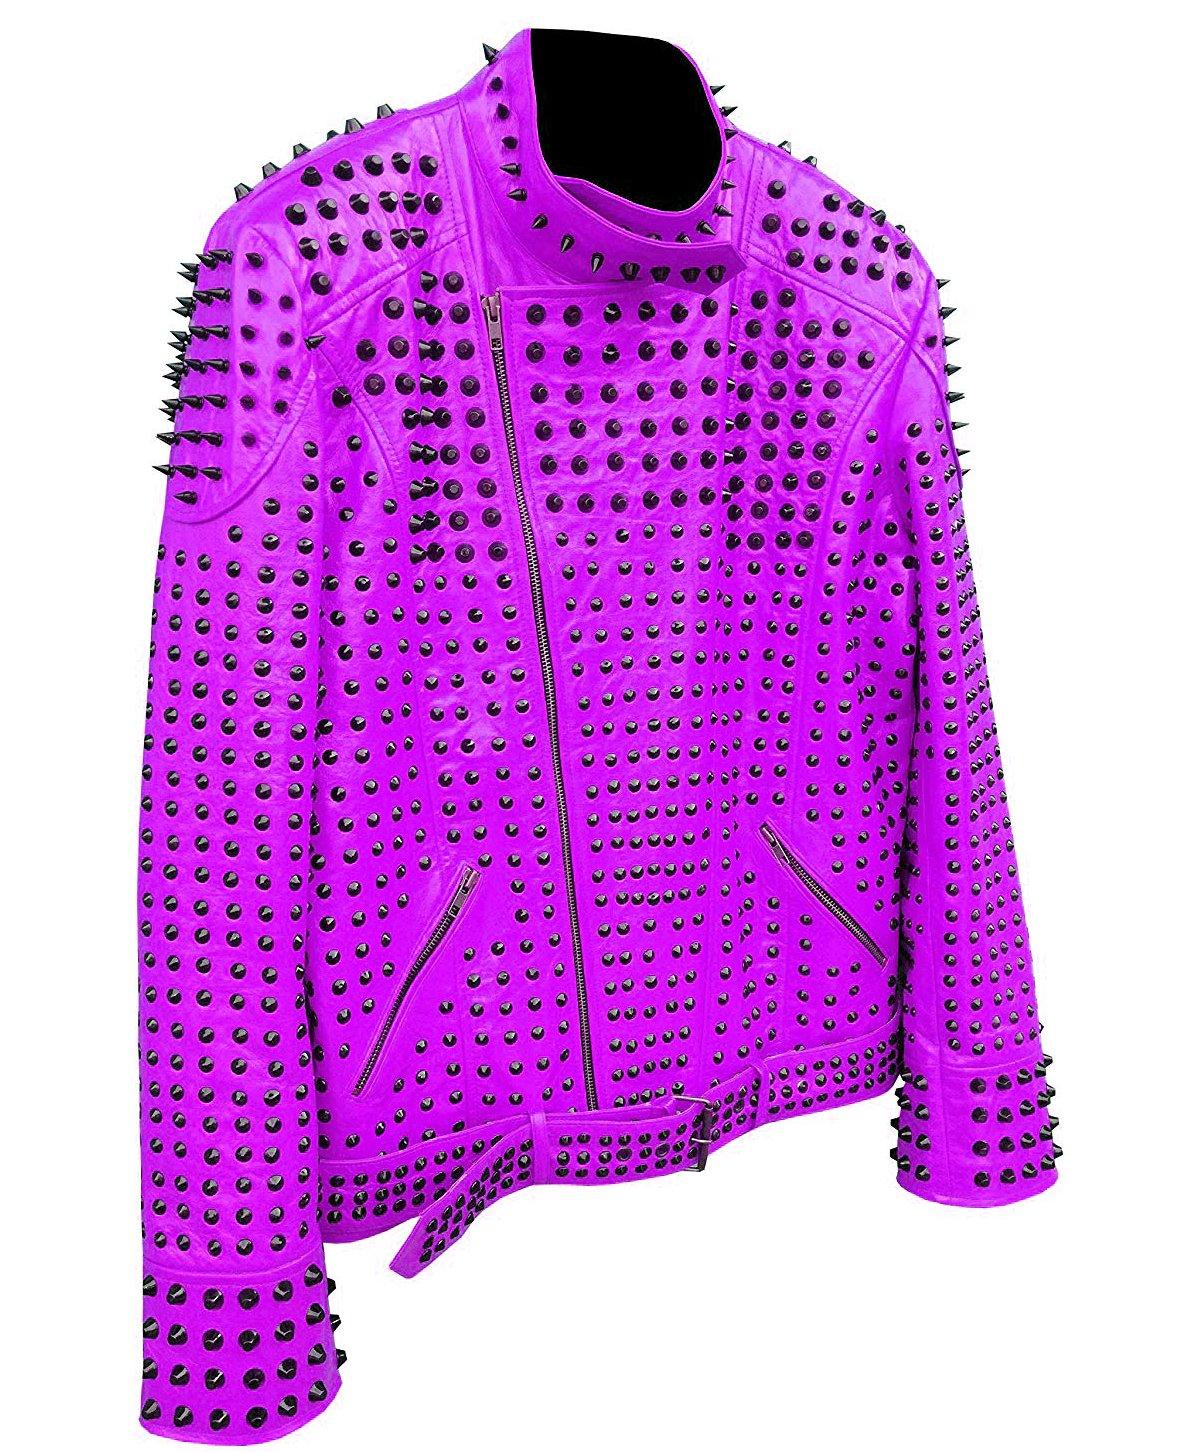 Men motorbike fashion style full body gothic studded purple leather jacket SIze 3xl